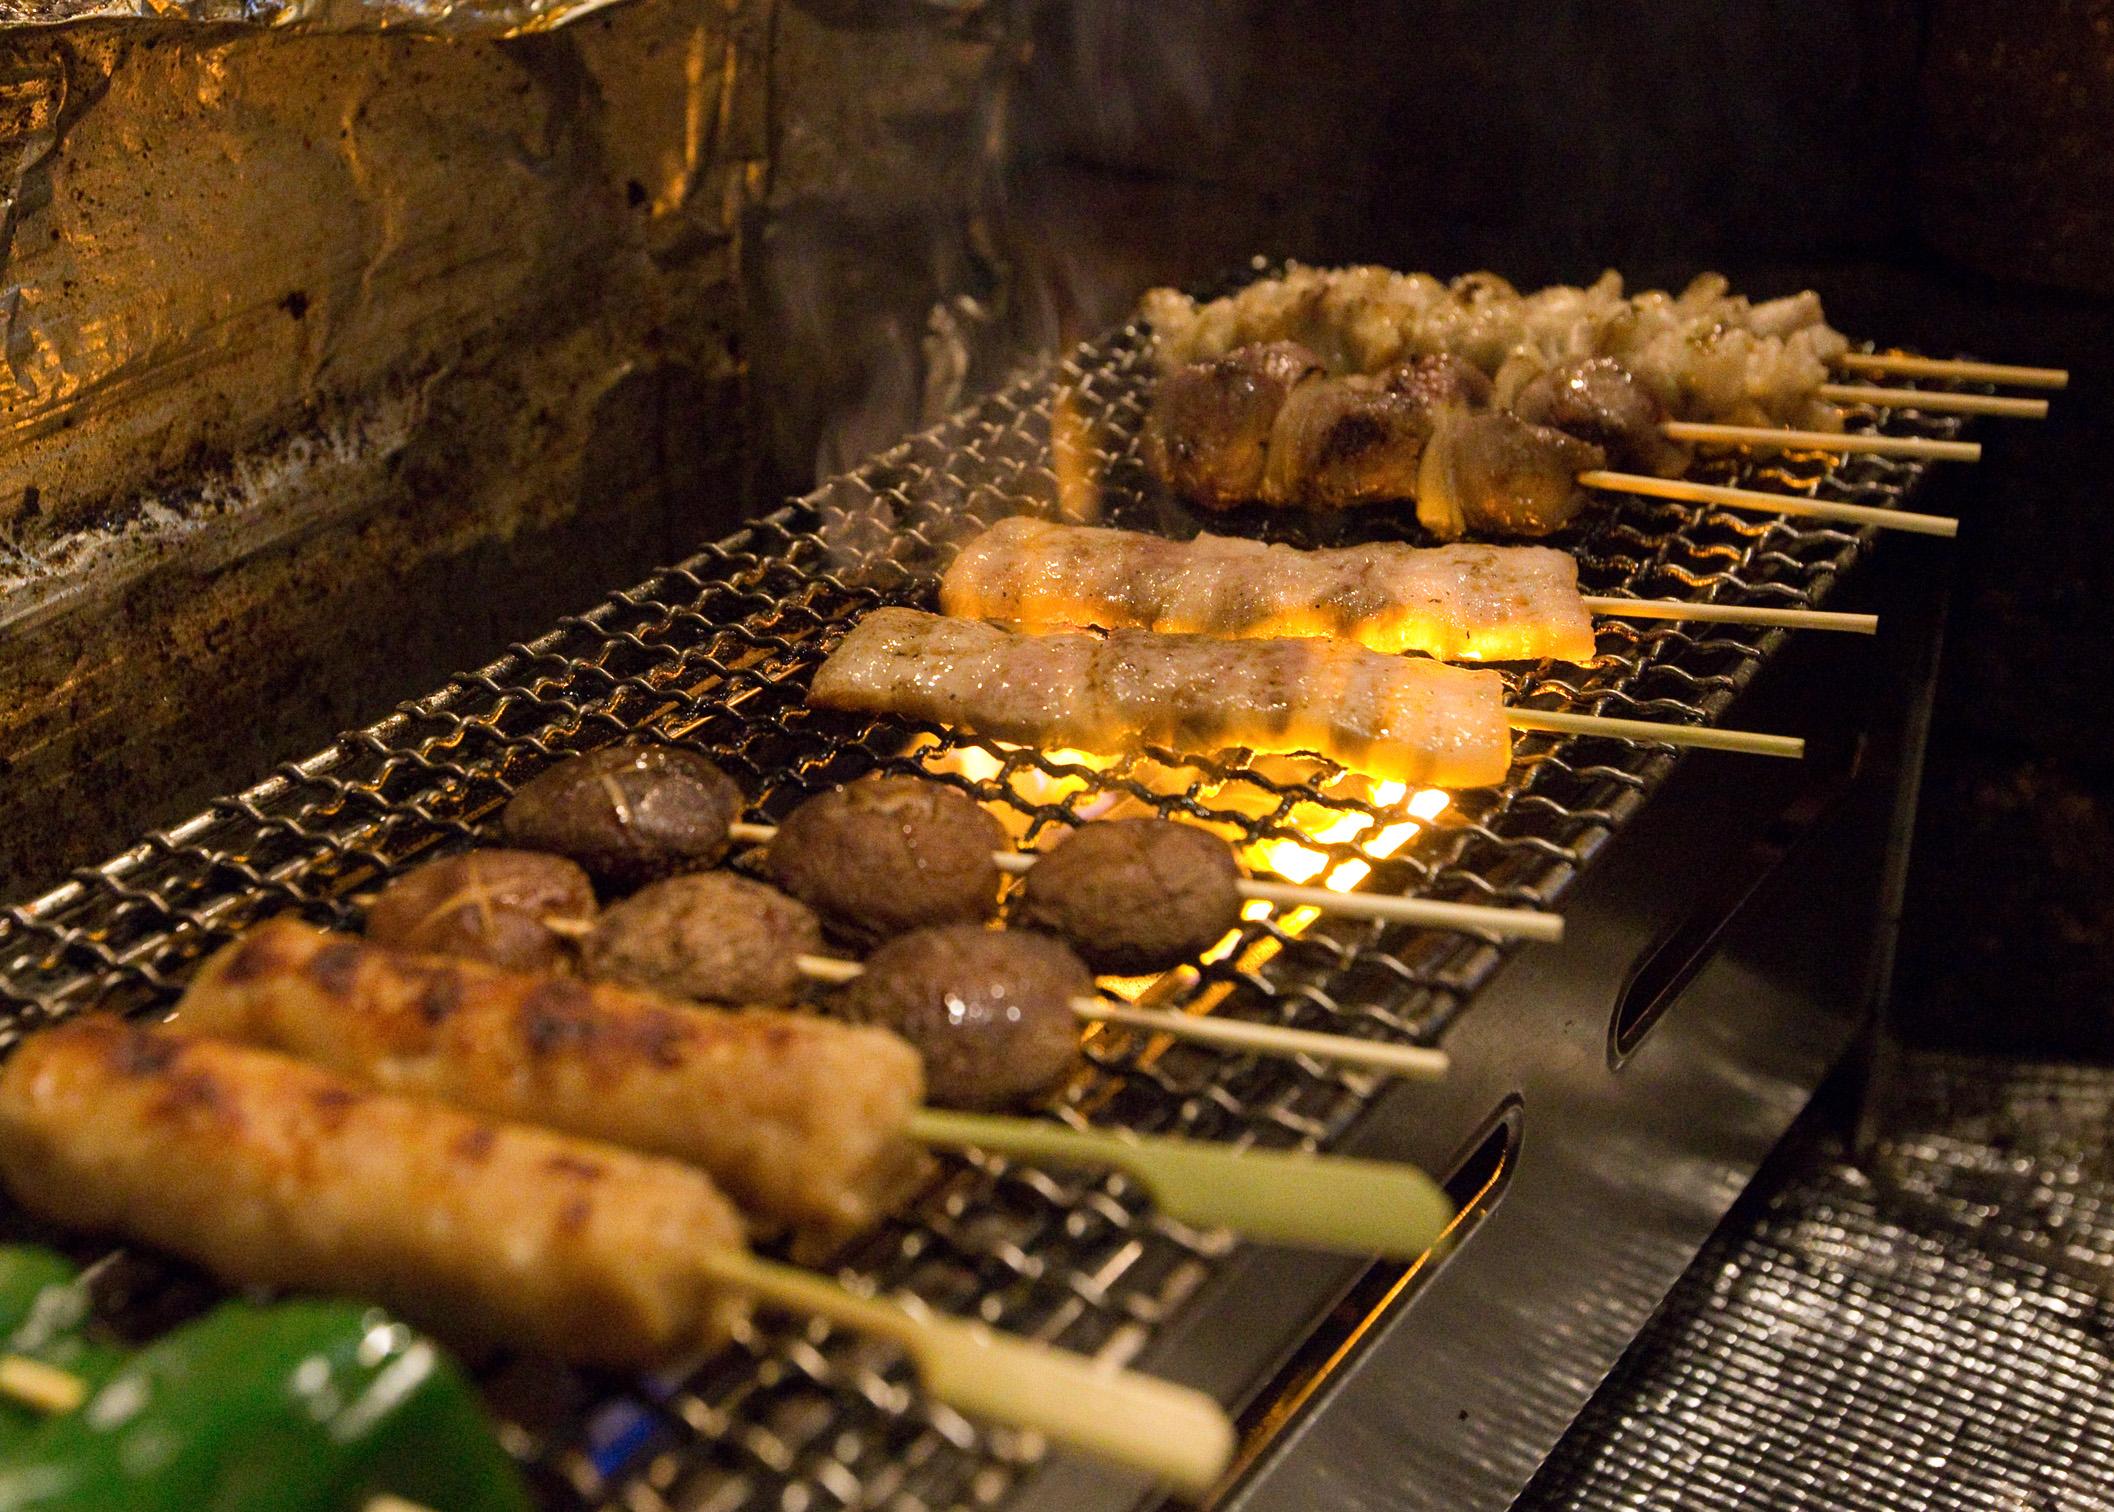 オススメの焼鳥や牛タンにはこだわり、新鮮な国産の肉を使用しております。